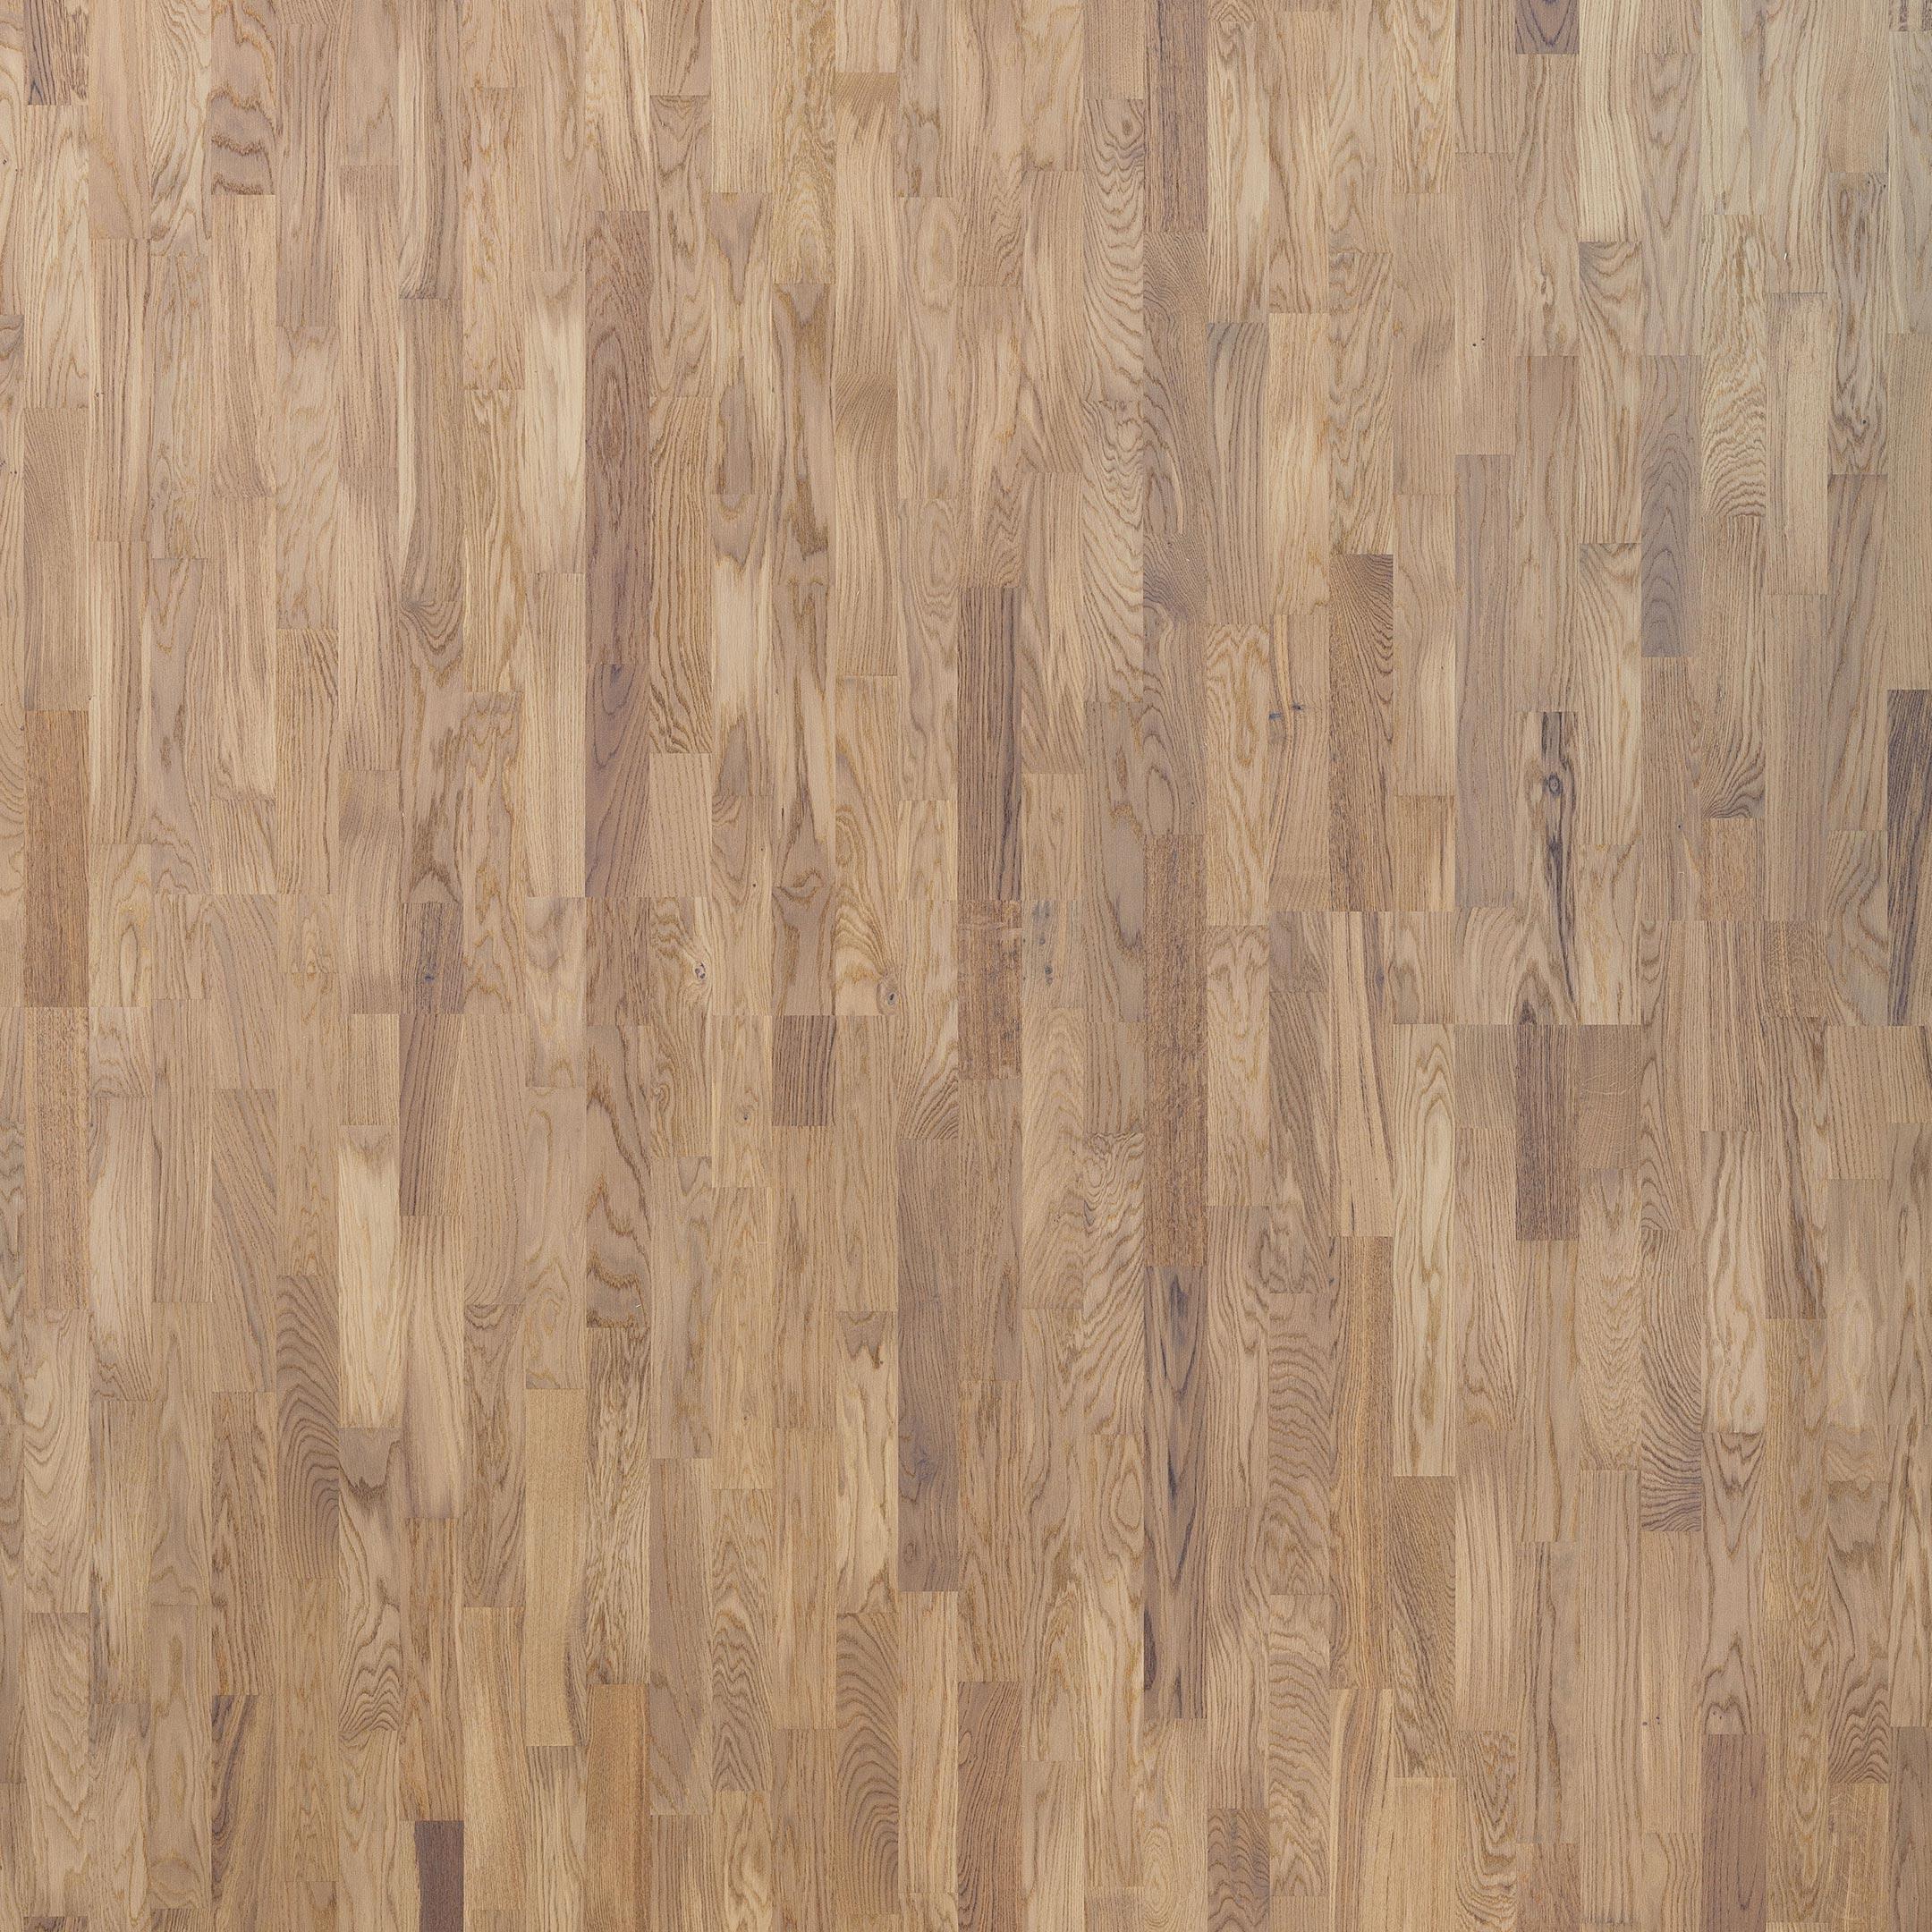 Паркетная доска Polarwood дуб менто 14 мм трехполосная стоимость